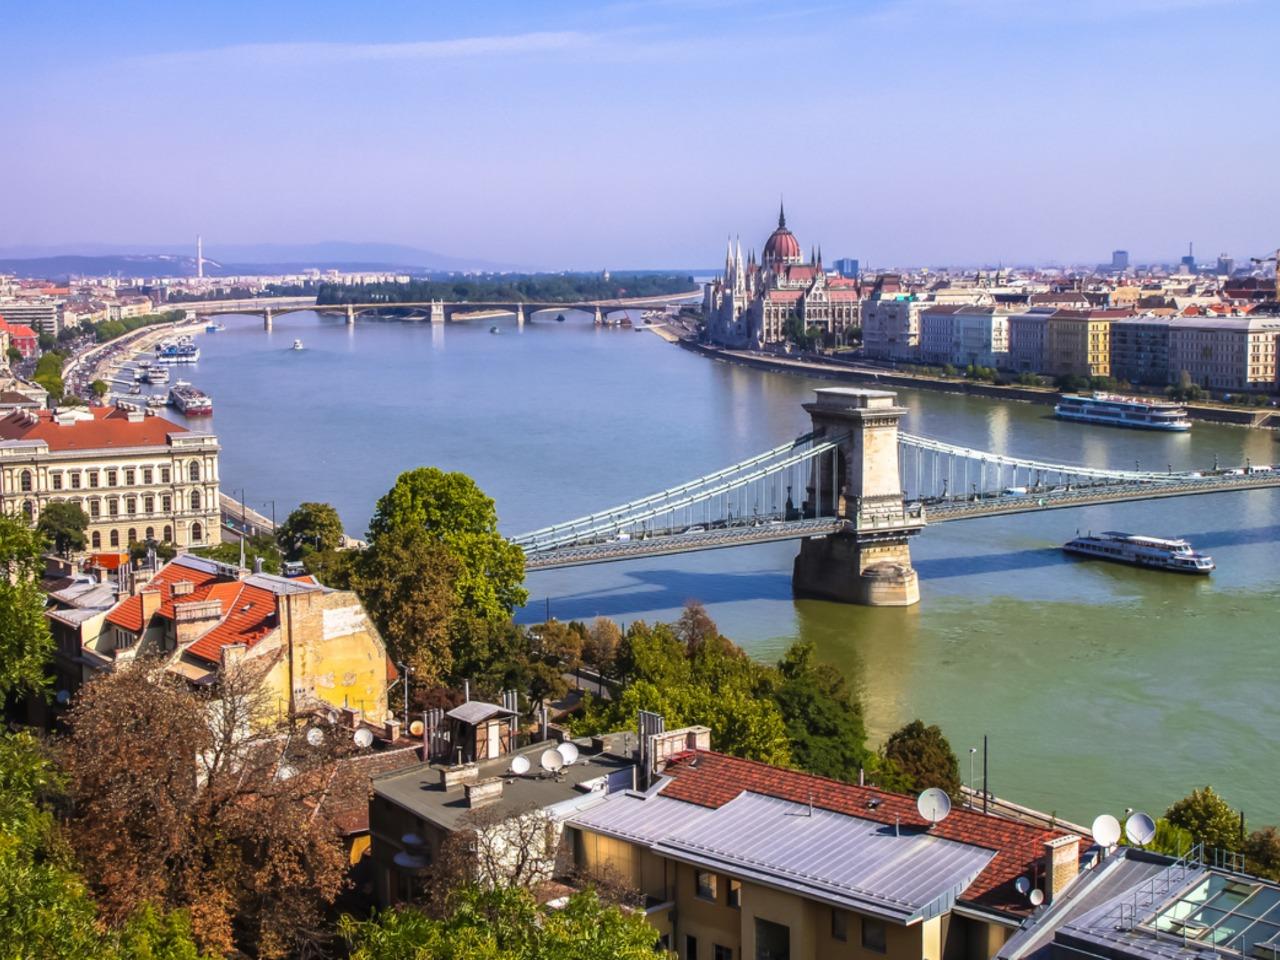 Утренний Будапешт - индивидуальная экскурсия в Будапеште от опытного гида